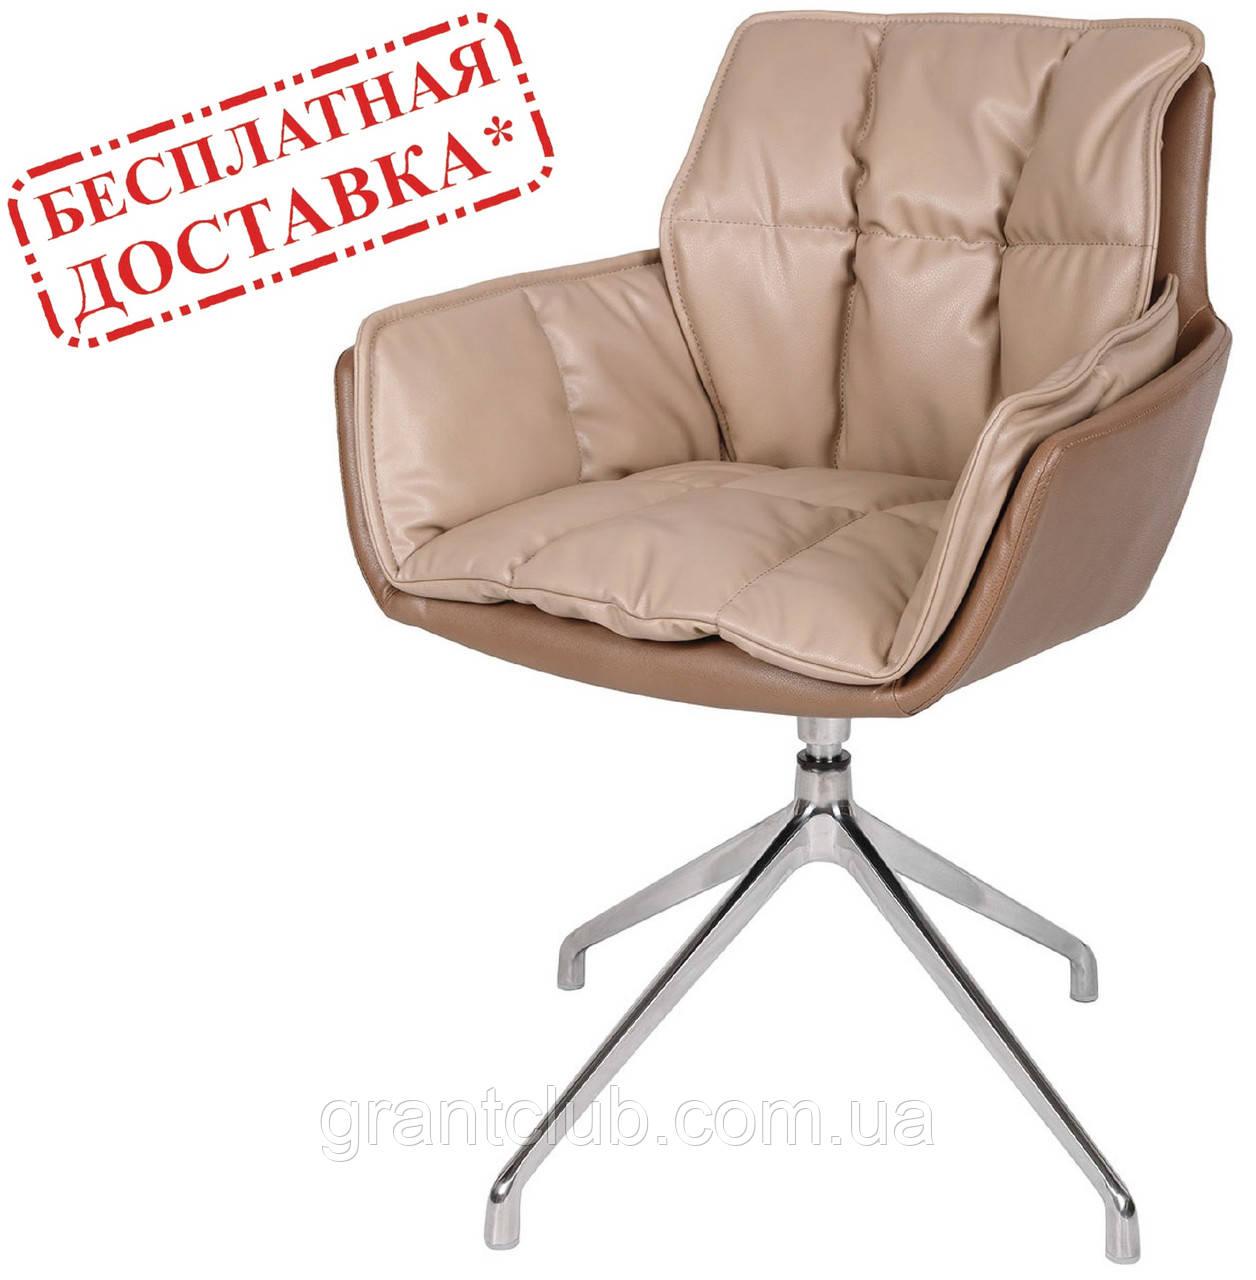 Кресло поворотное PALMA (Пальма) мокко/молочный шоколад кожзам Nicolas (бесплатная доставка)